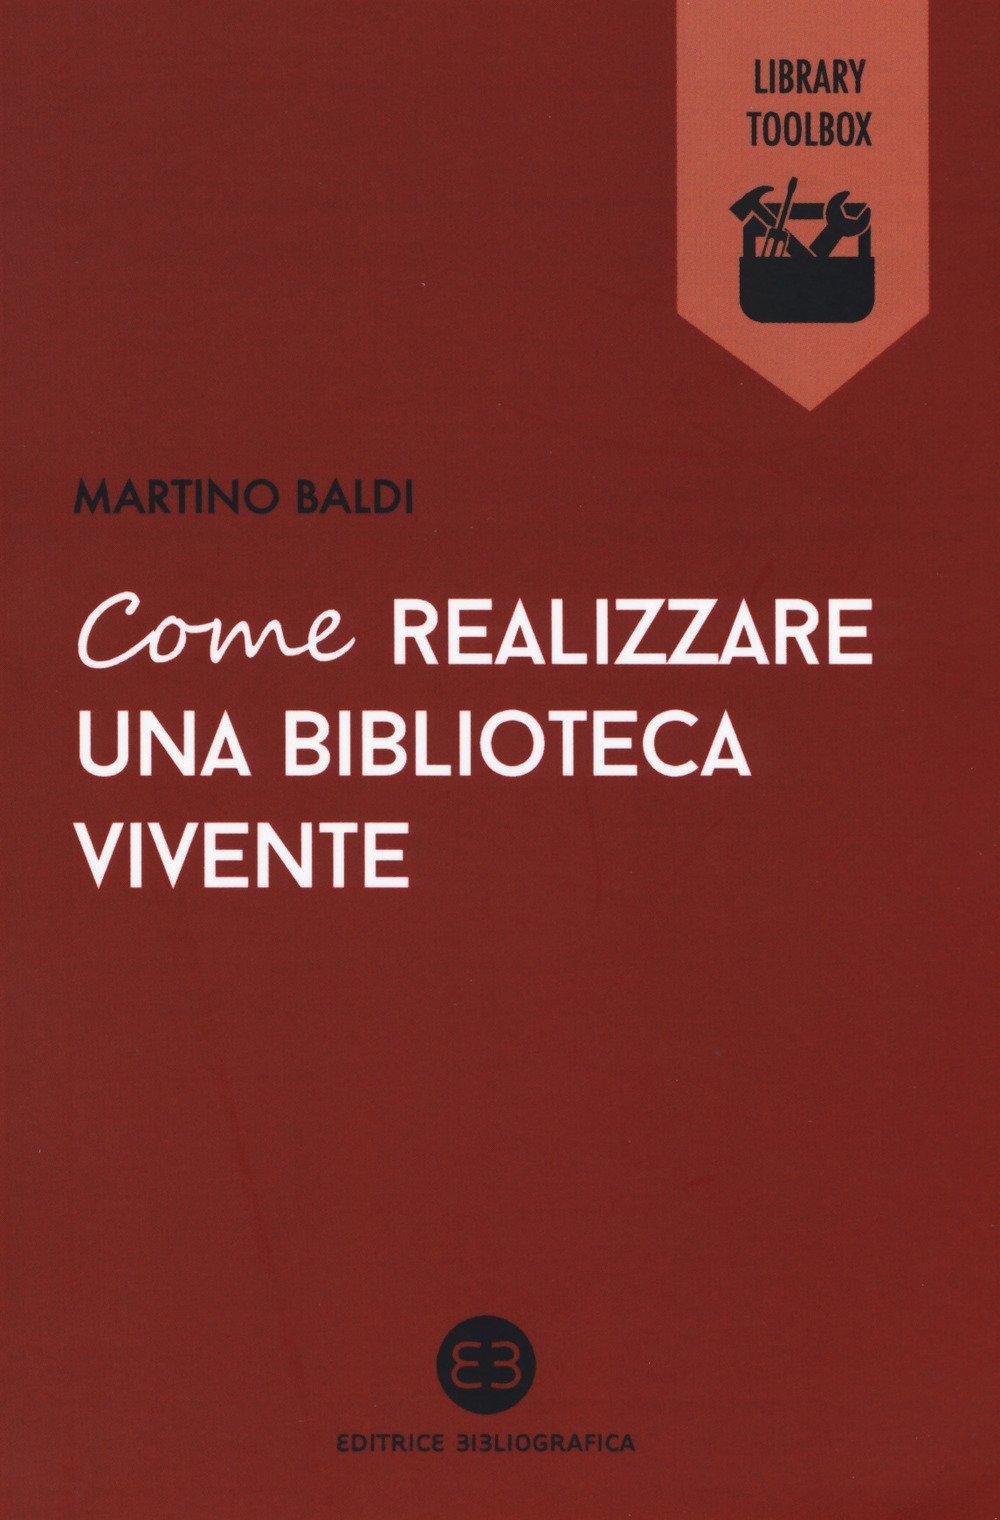 Come realizzare una biblioteca vivente Copertina flessibile – 5 ott 2017 Martino Baldi Editrice Bibliografica 8870759628 Testi scientifici